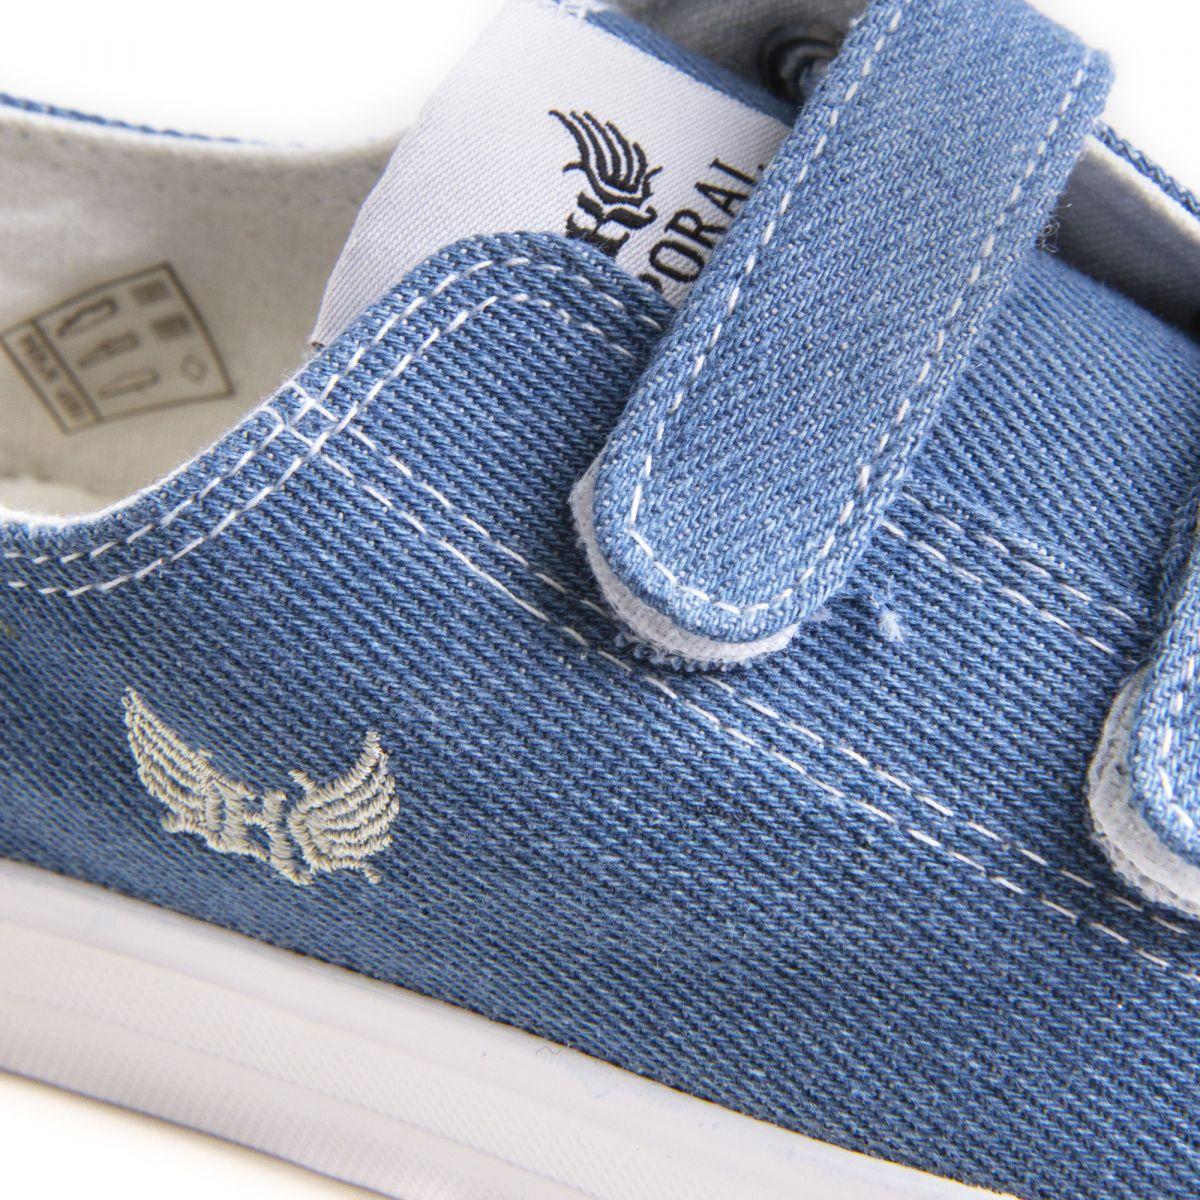 Tennis bleu jean en toile à scratch enfant Rosy KAPORAL à prix